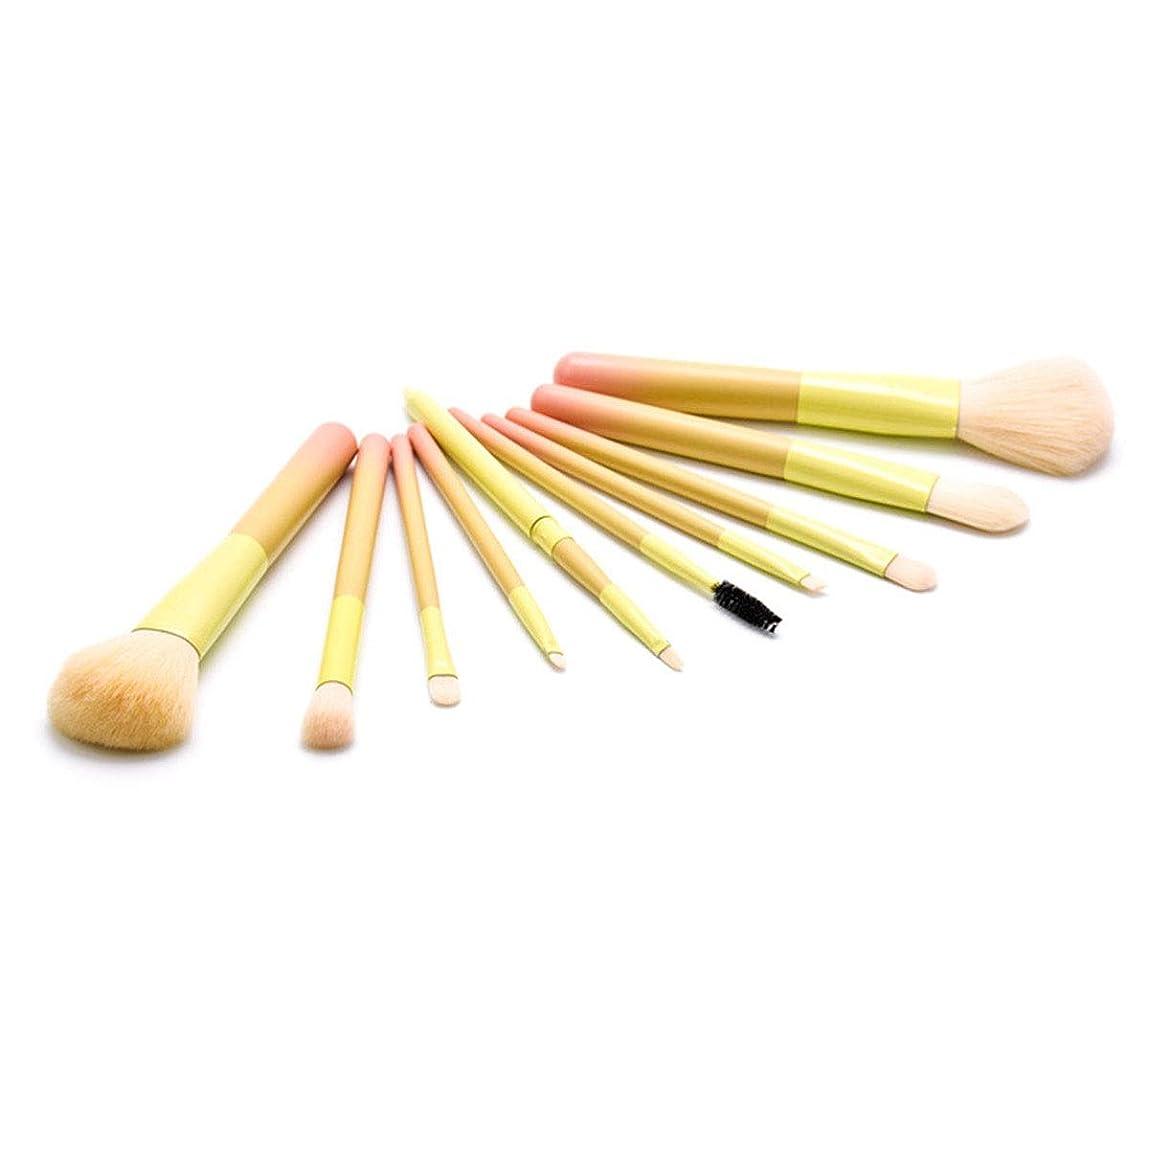 抗議パターン驚き化粧用品 バケツ付き-10個グラデーション化粧ブラシエクスポートファンデーションブラッシュブラシアイブロウブラシフルセットの化粧美容ツール